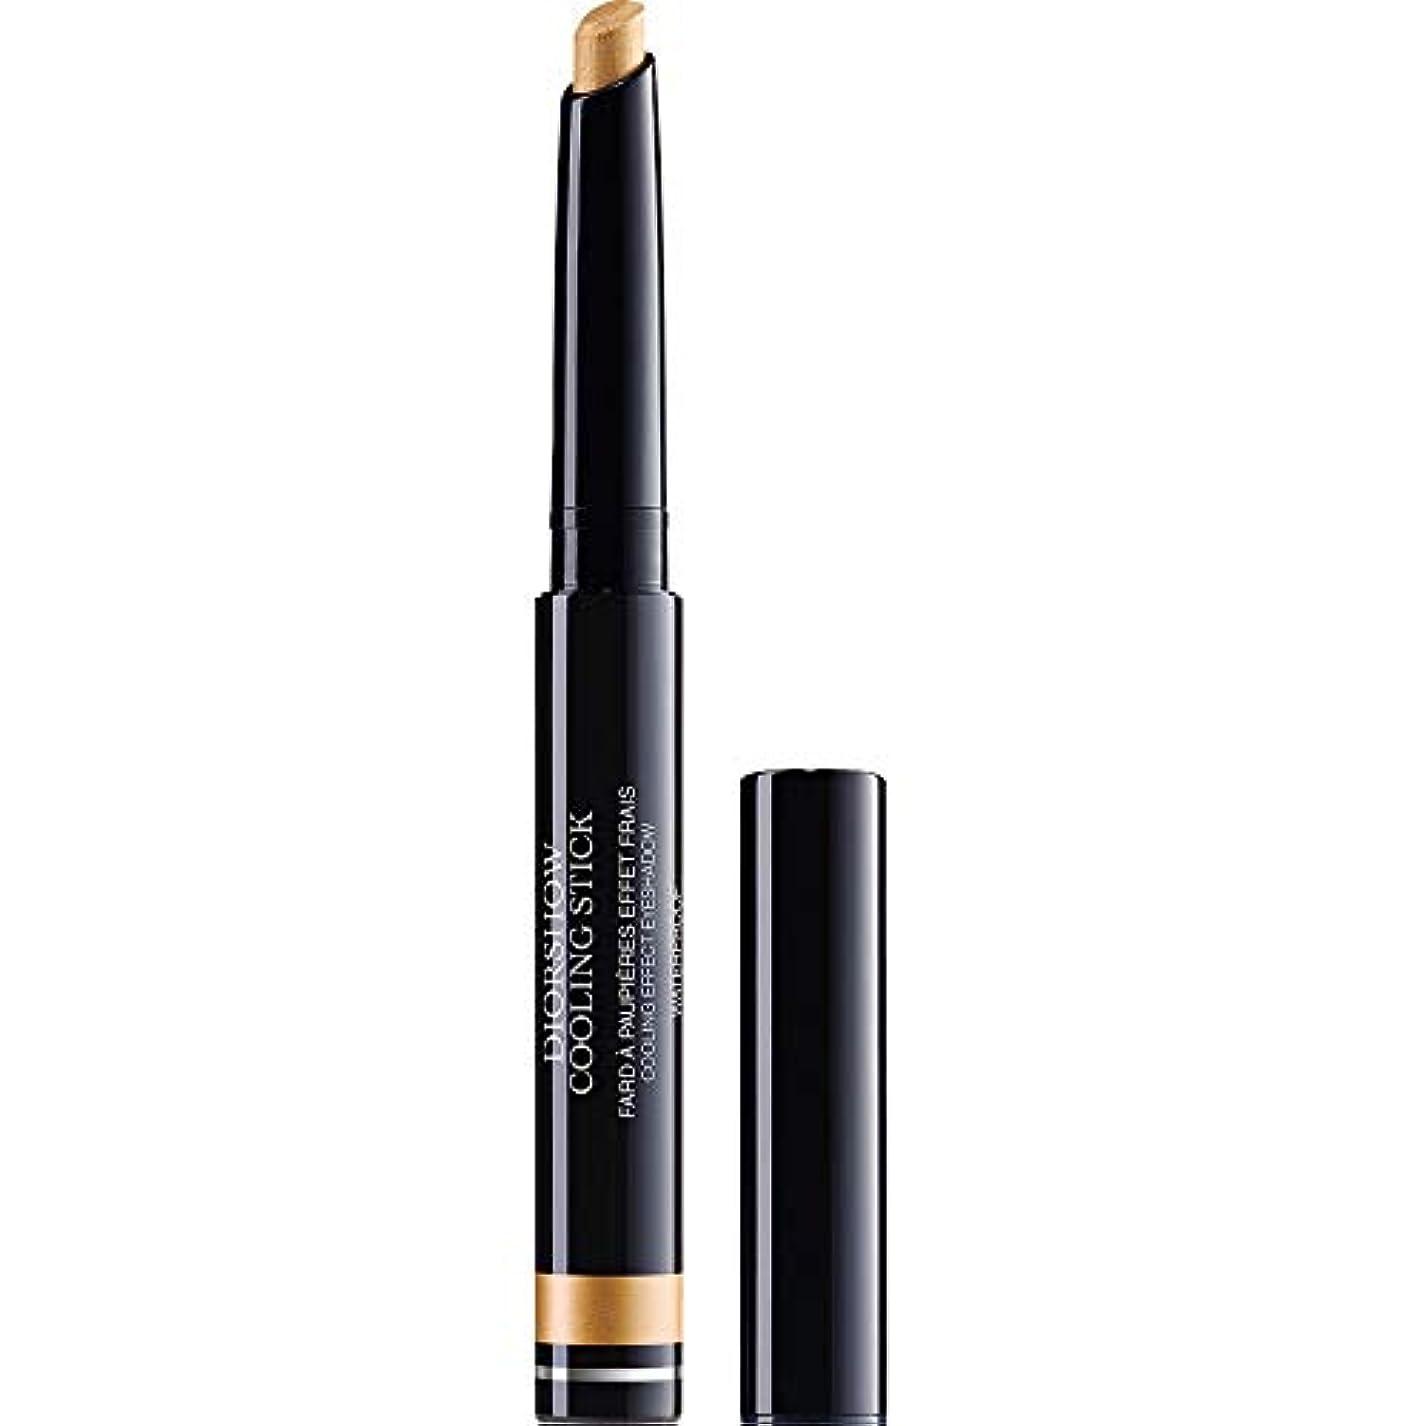 拒否政治家ほぼ[Dior ] ディオールDiorshow冷却スティックアイシャドウ1.6グラム002 - 金スプラッシュ - DIOR Diorshow Cooling Stick Eyeshadow 1.6g 002 - Gold...